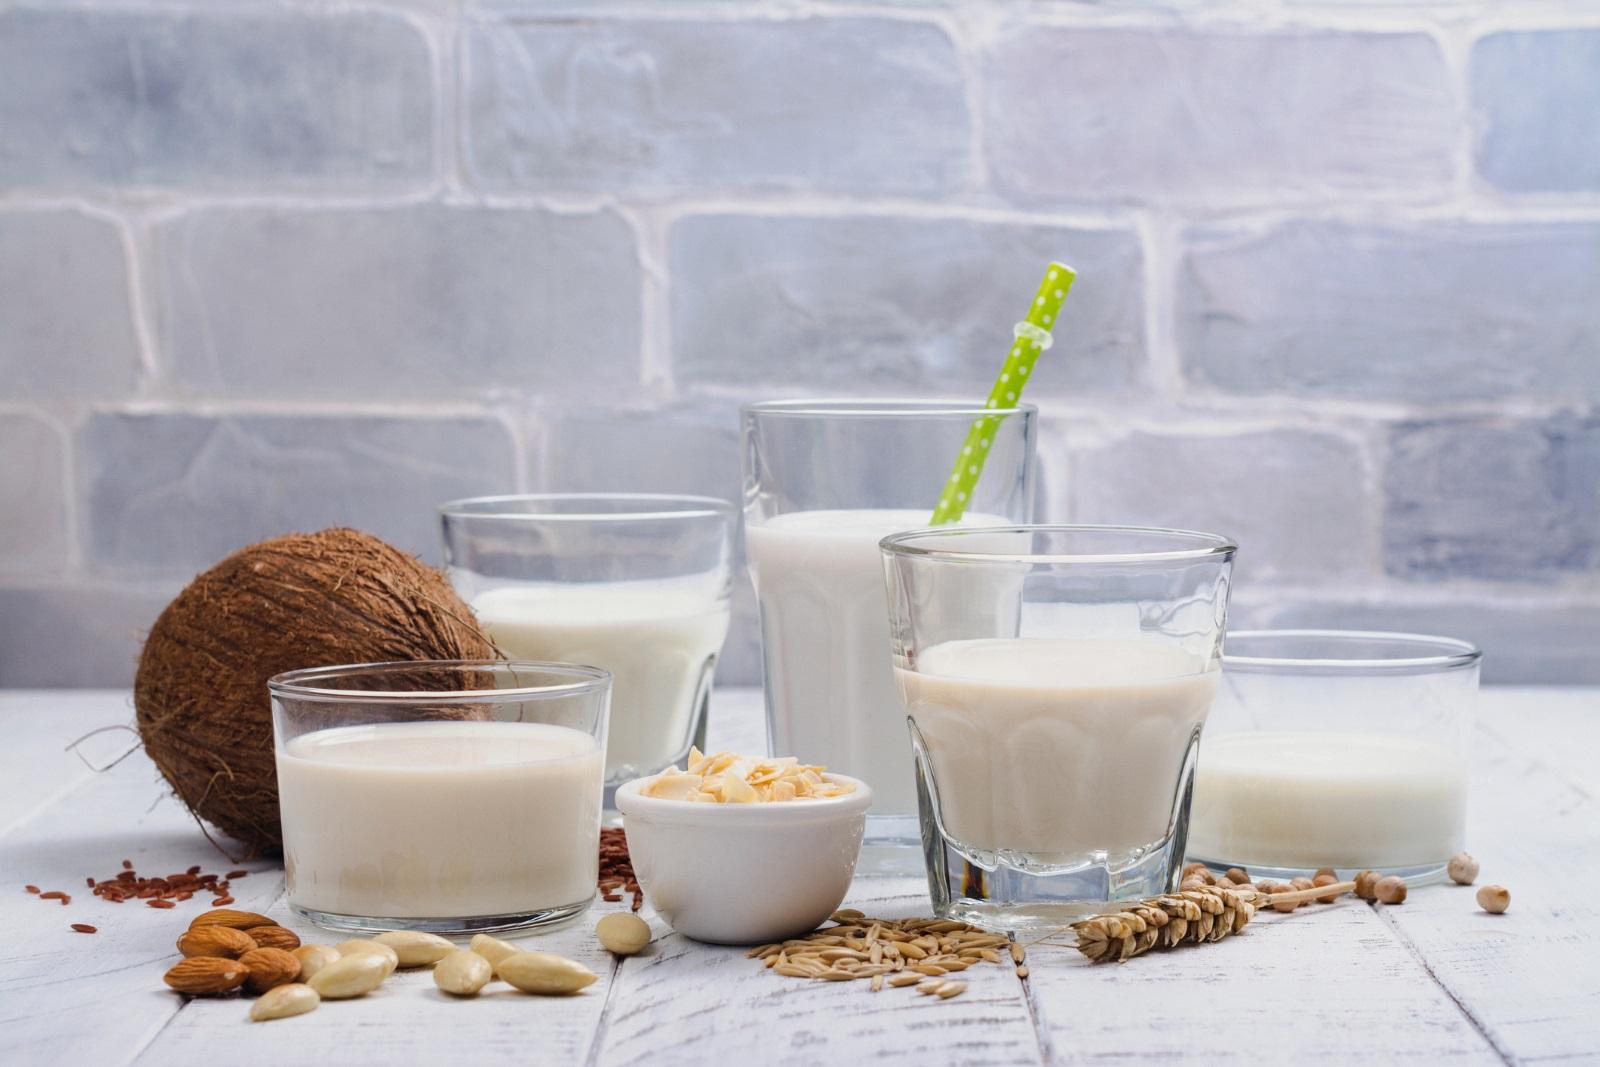 Пълномаслено мляко: Помагат да намалите загубата на мускулна маса, което става факт след навършване на 50. В млякото се съдържа и така важният за костите калций.